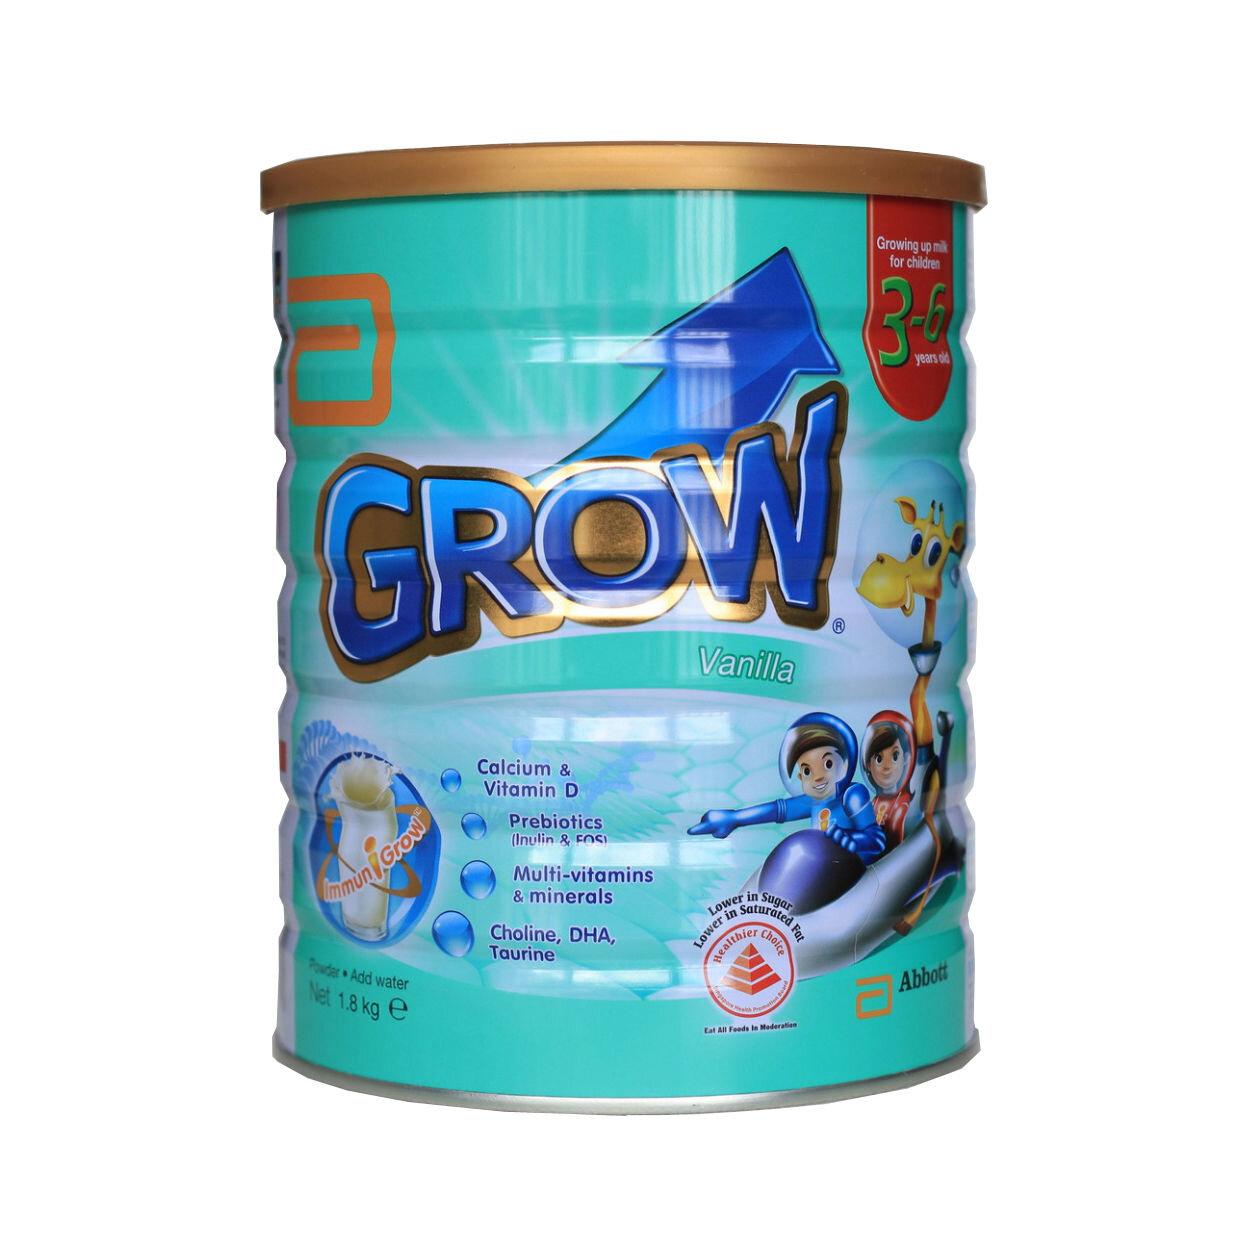 Sữa bột Abbott Grow Singapore cho bé trên 3 tuổi có tốt không?